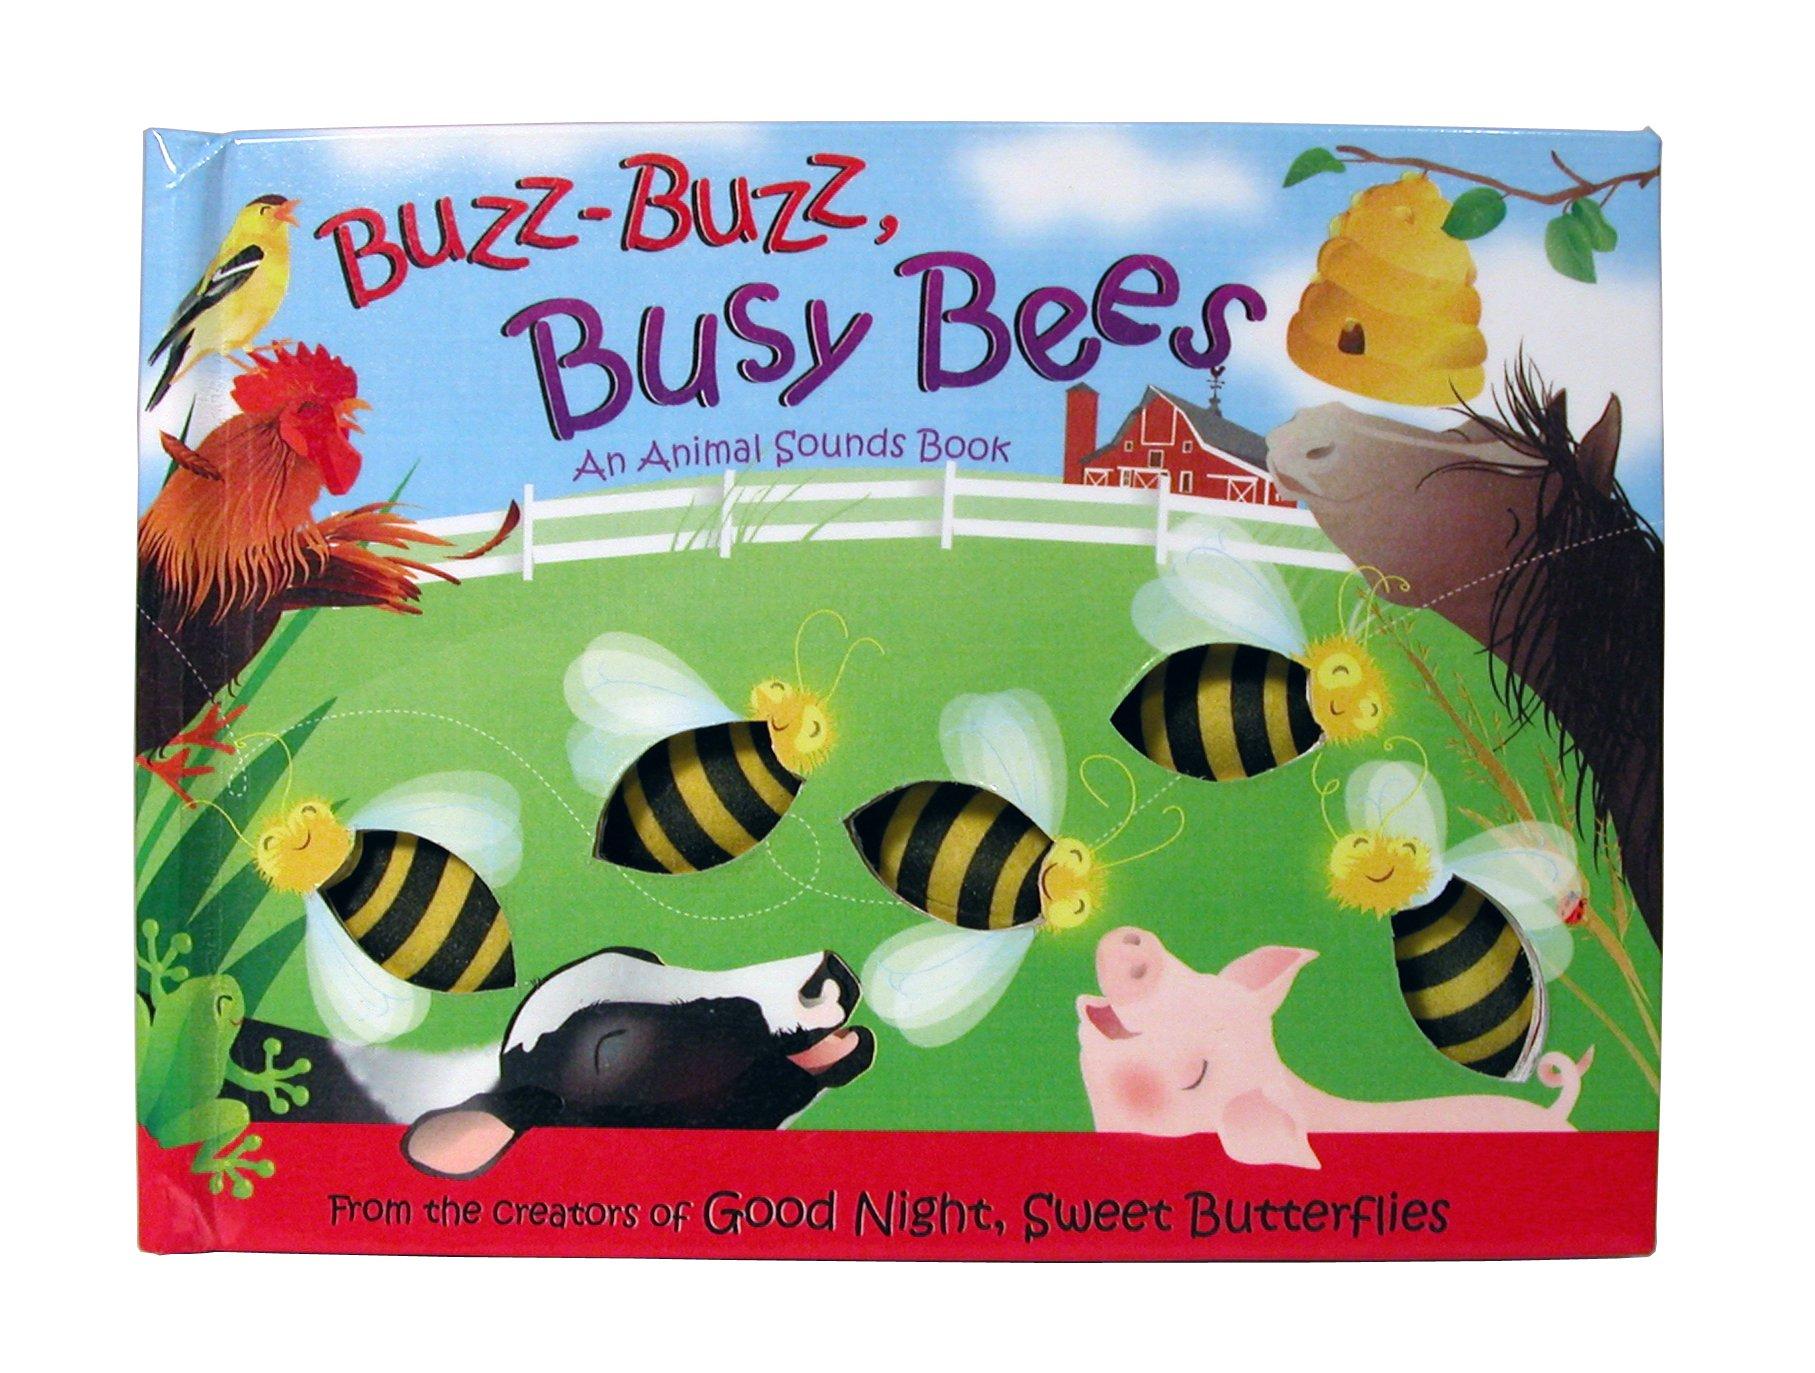 Amazon.com: Buzz-Buzz, Busy Bees (9780689868481): Dawn Bentley ...